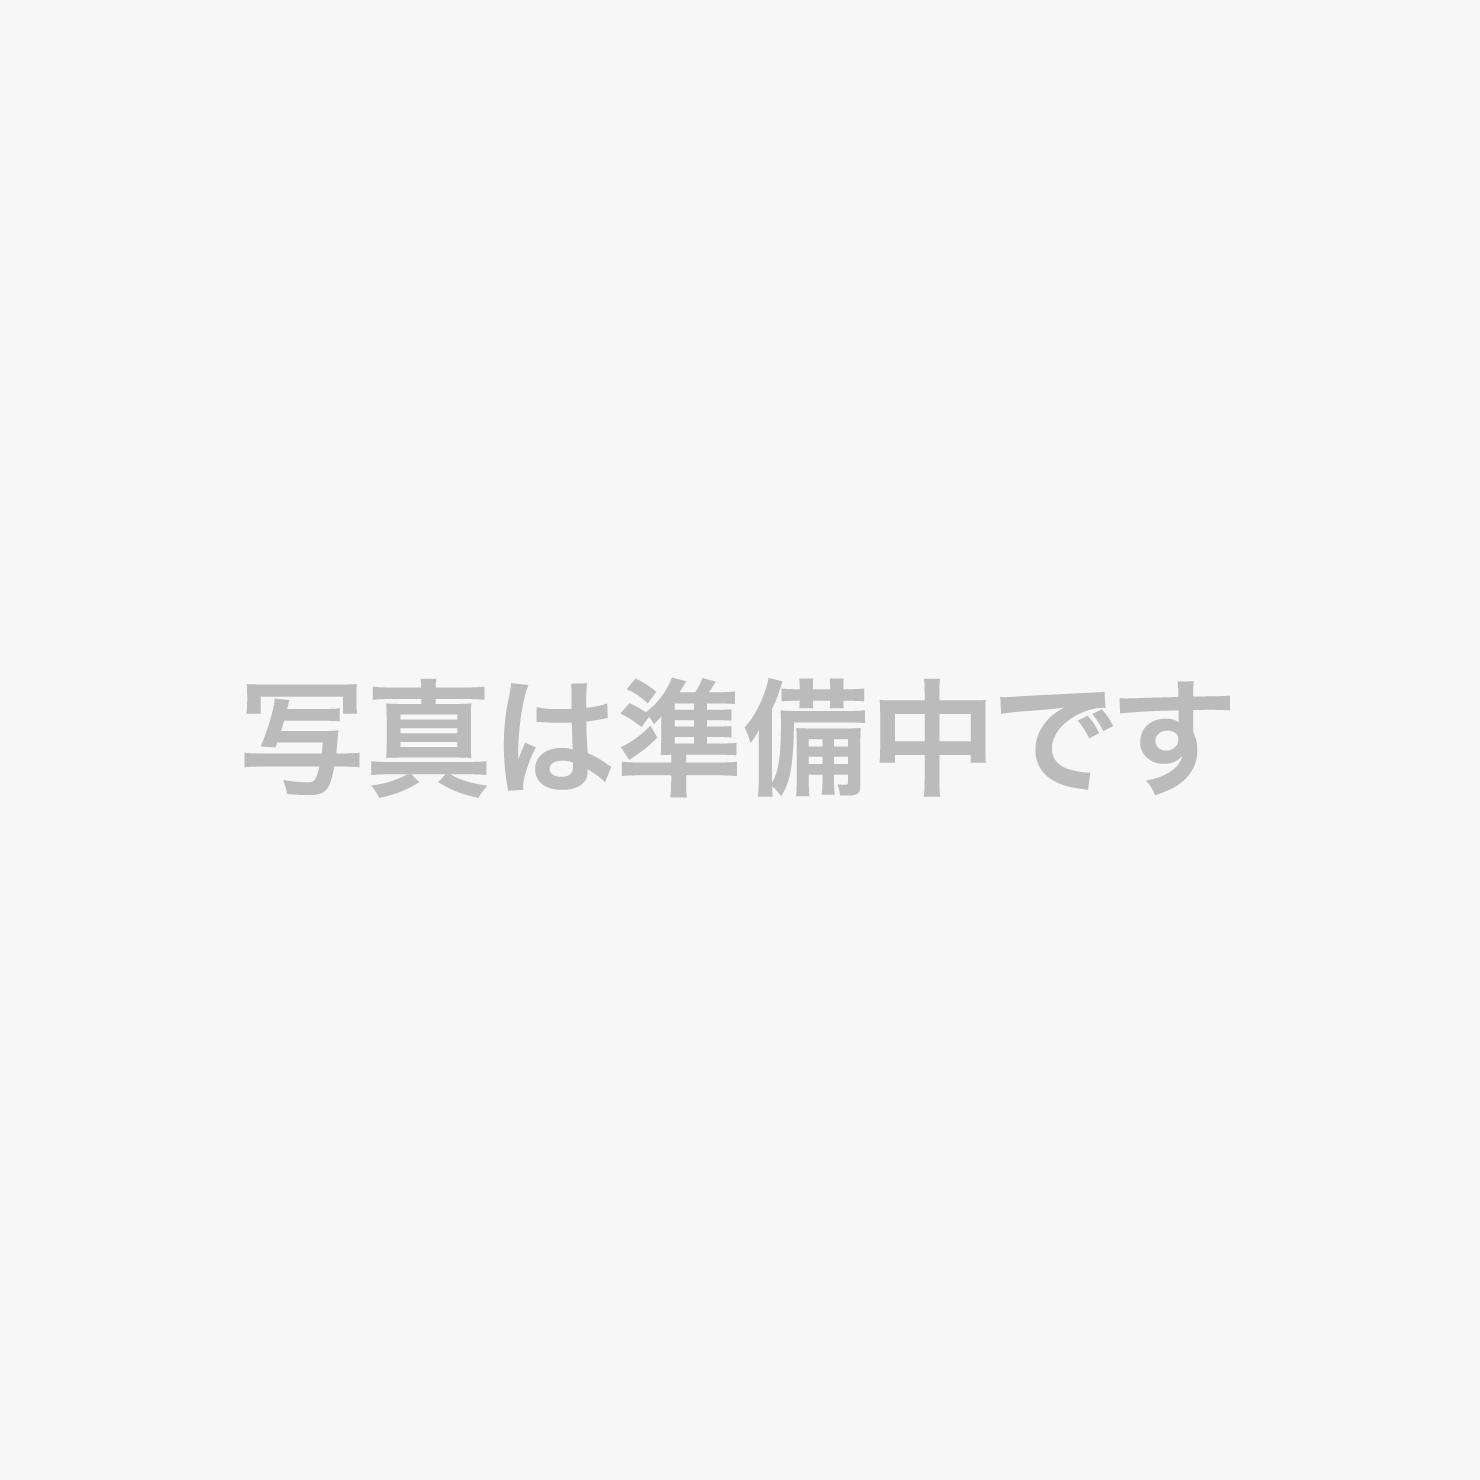 秋保森林スポーツ公園(写真提供:宮城県観光課)